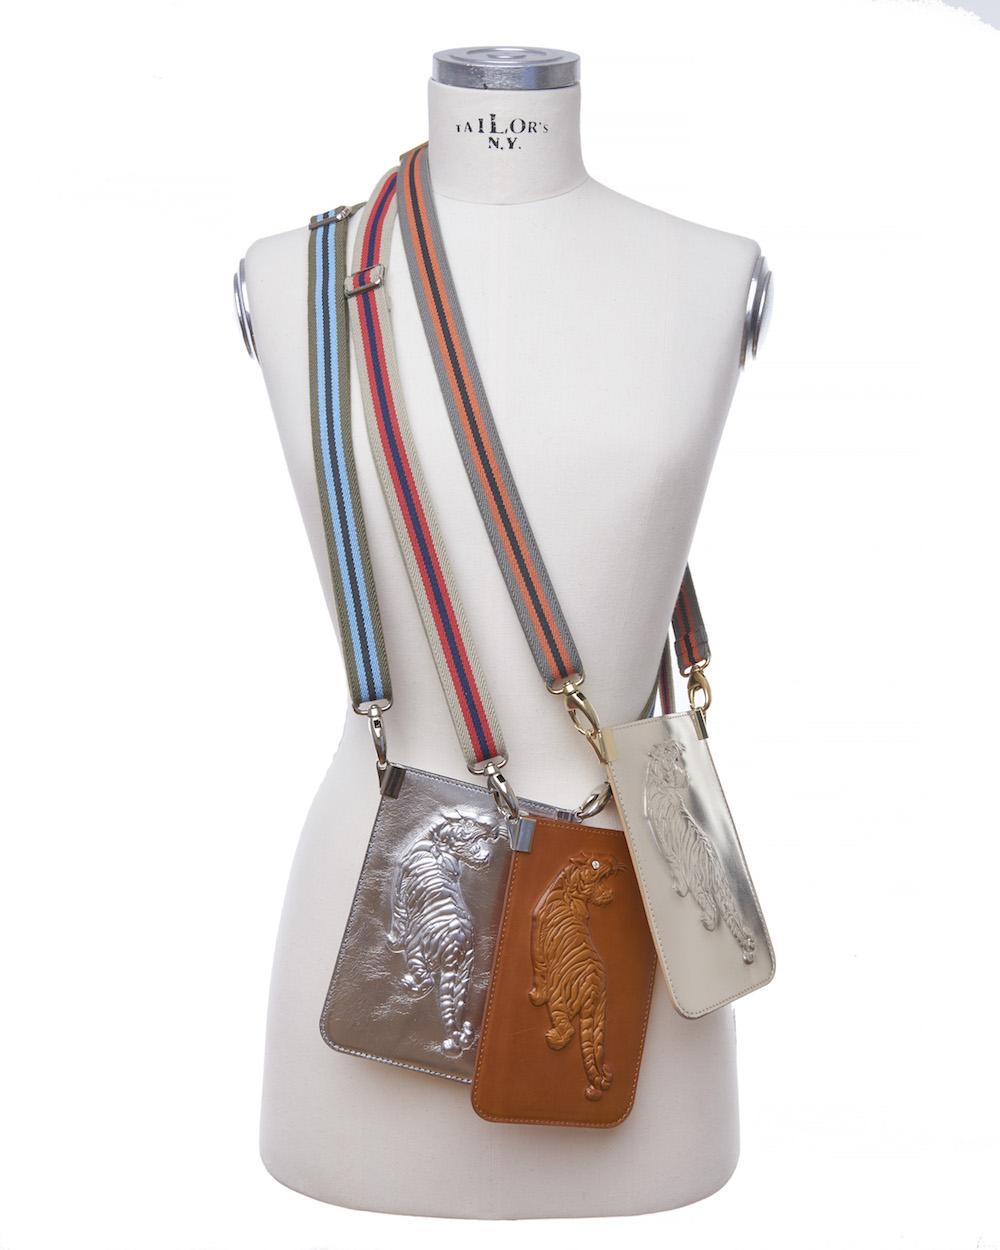 Brustbeutel-Trend: Mini-Tasche mit Tigerprägung (z.B. Tiger oder Skarabäus) und Bagstrap von Gabriele Frantzen